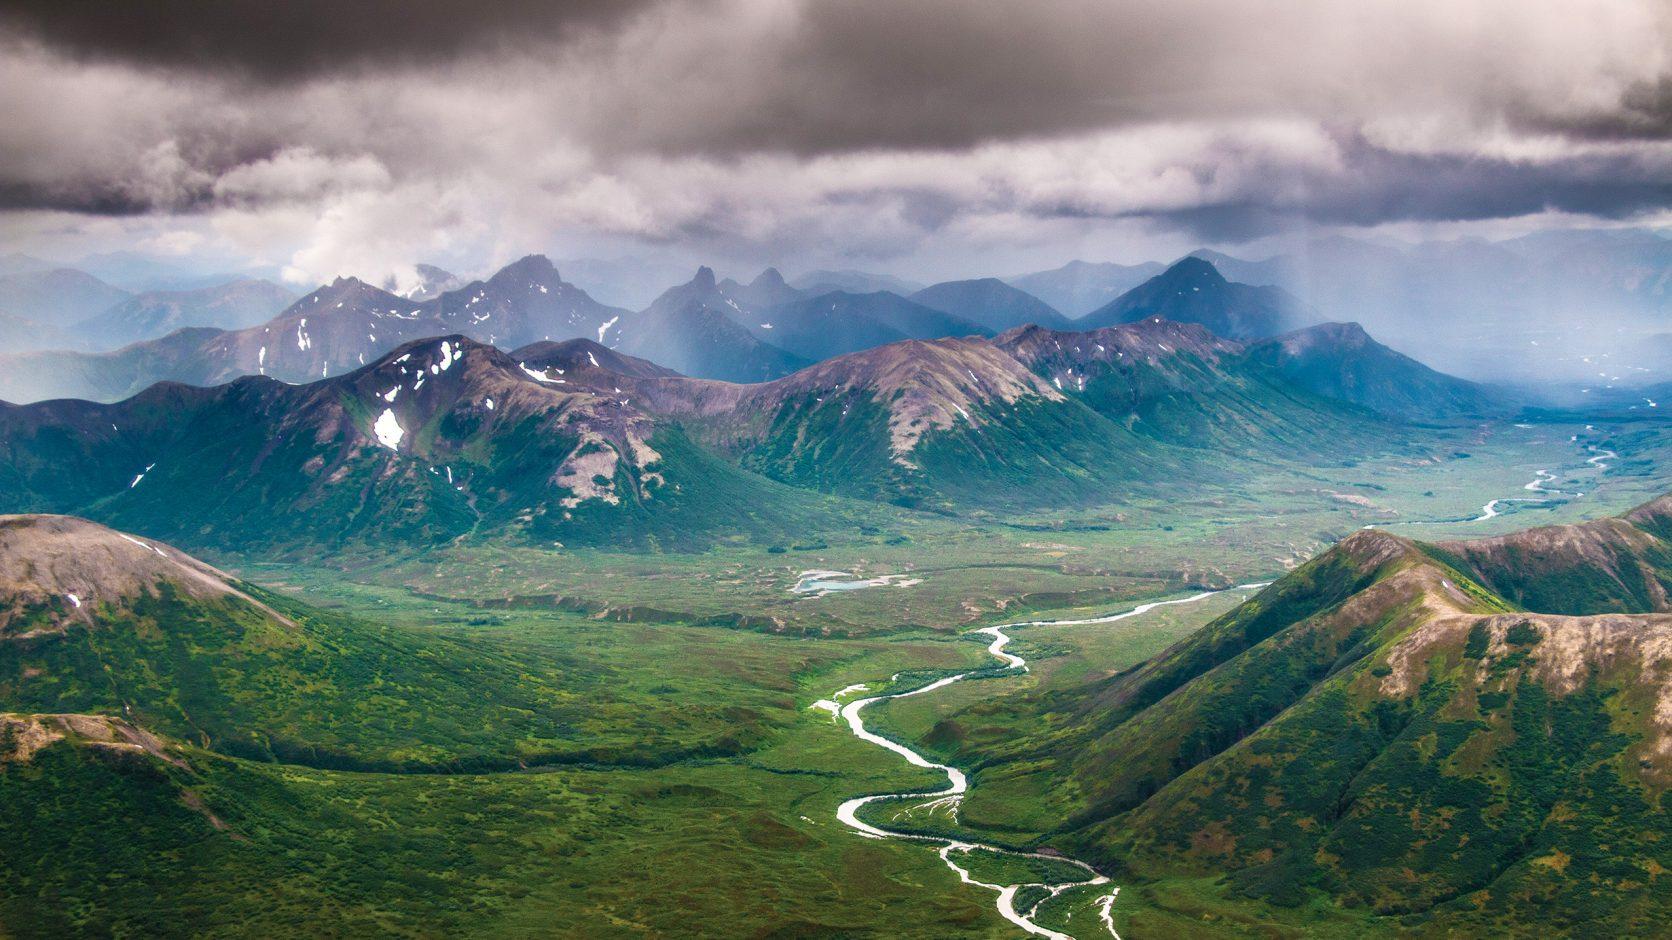 Kanektok River in Alaska's Togiak National Wildlife Refuge